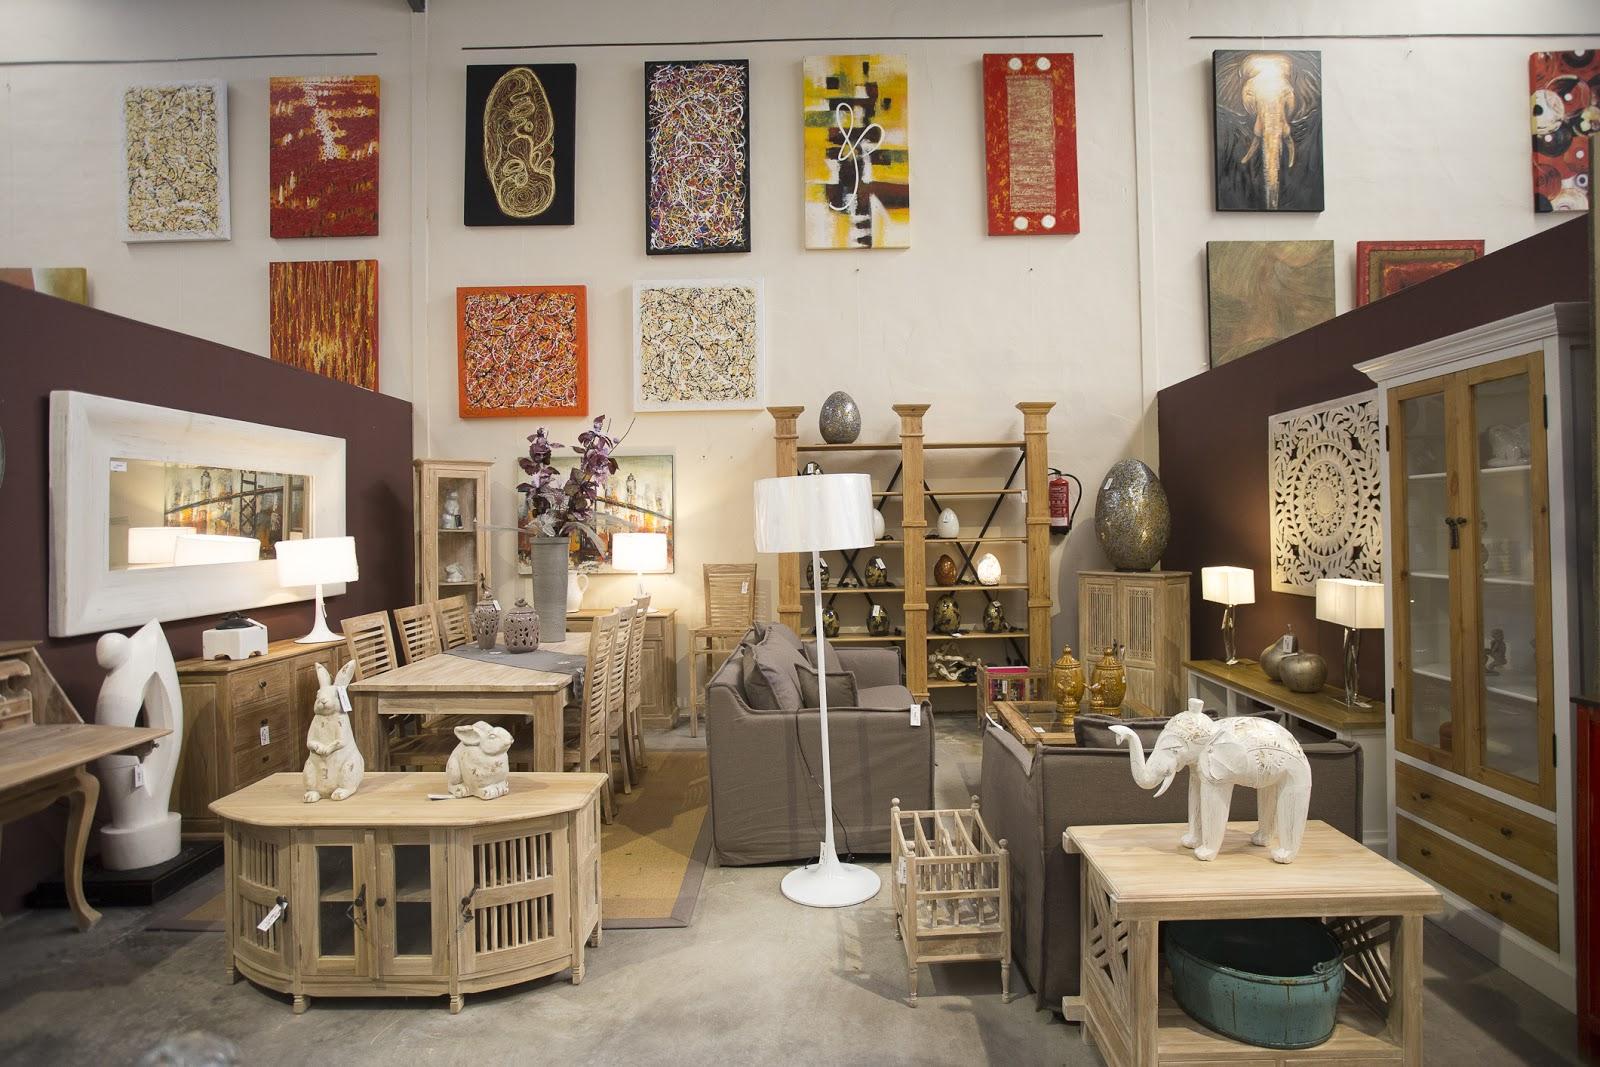 Muebles Estilo Colonial Budm Blog Dà Jate Enamorar Por Los Muebles Y Decoracià N De Estilo Colonial